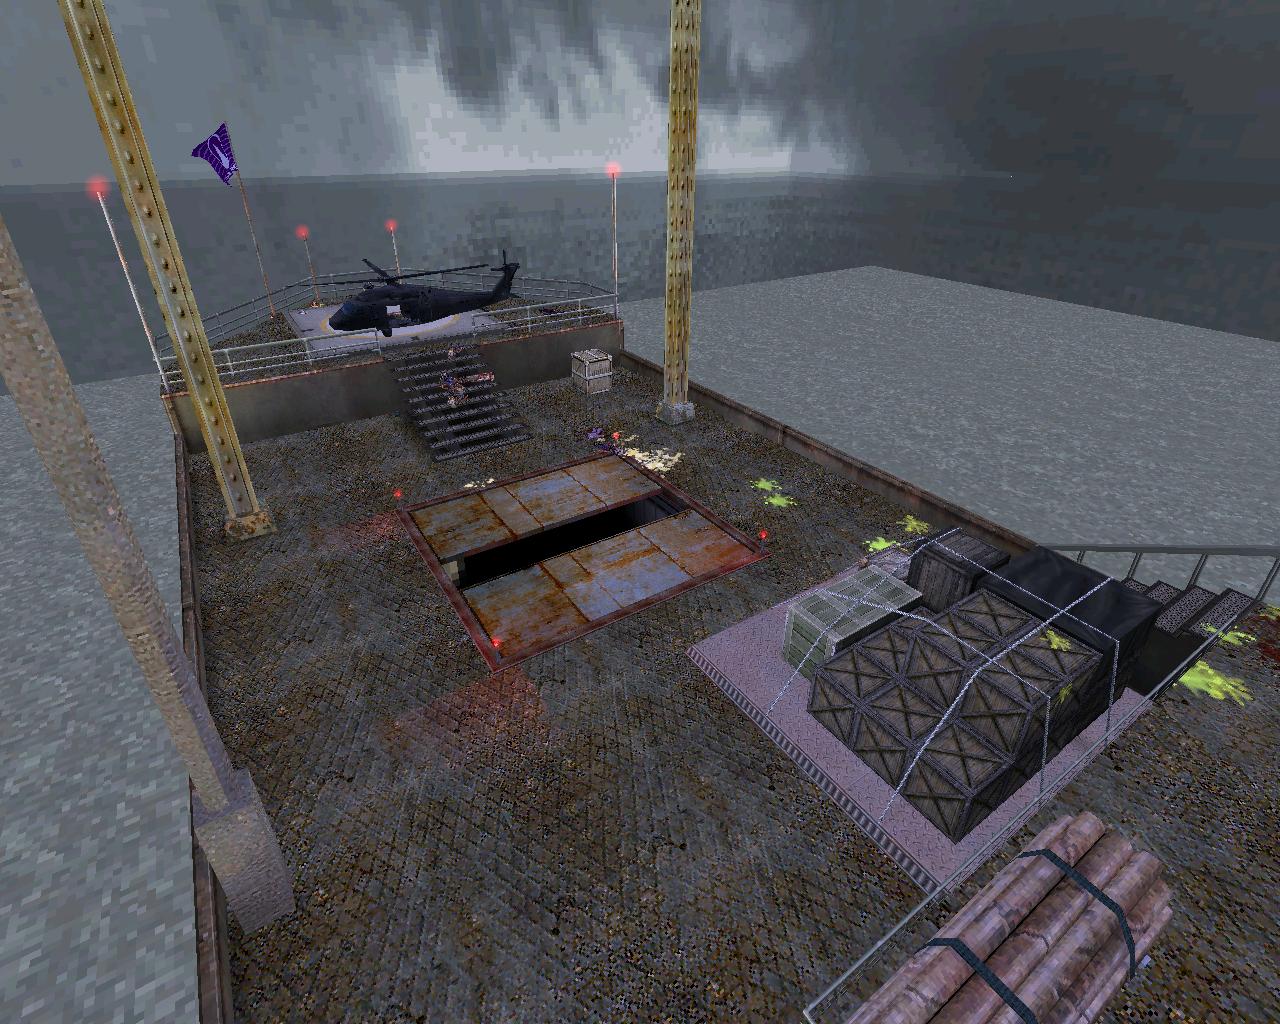 pcsm5d0128.png - Half-Life